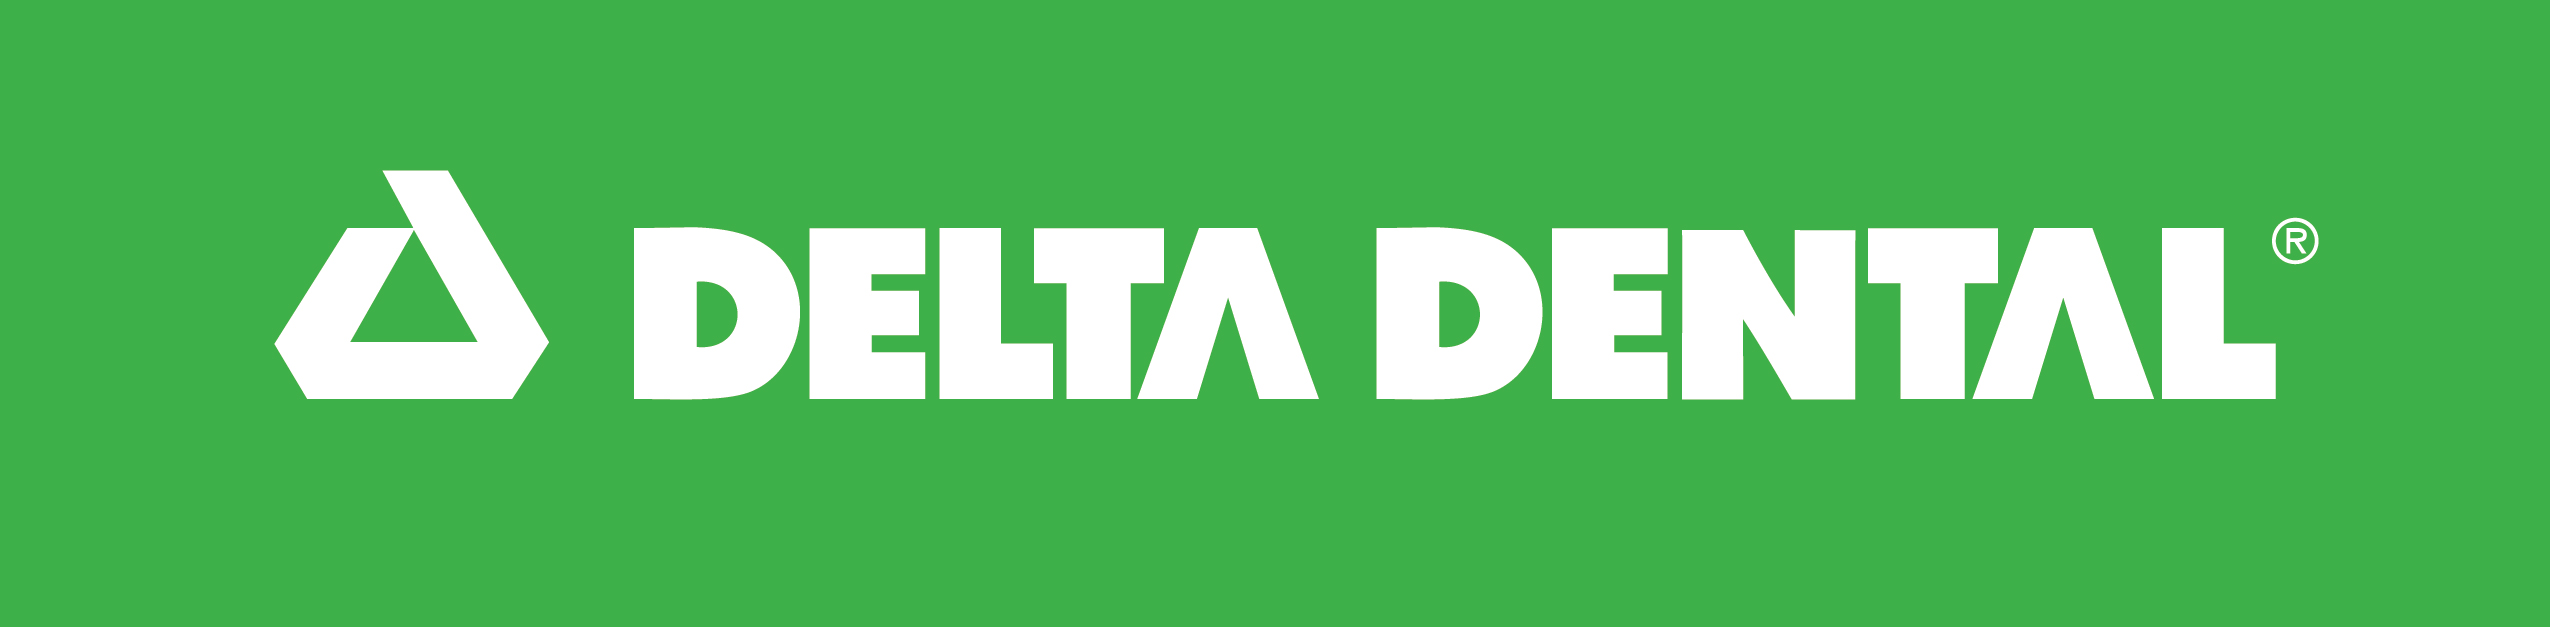 DD_Logo_pms363